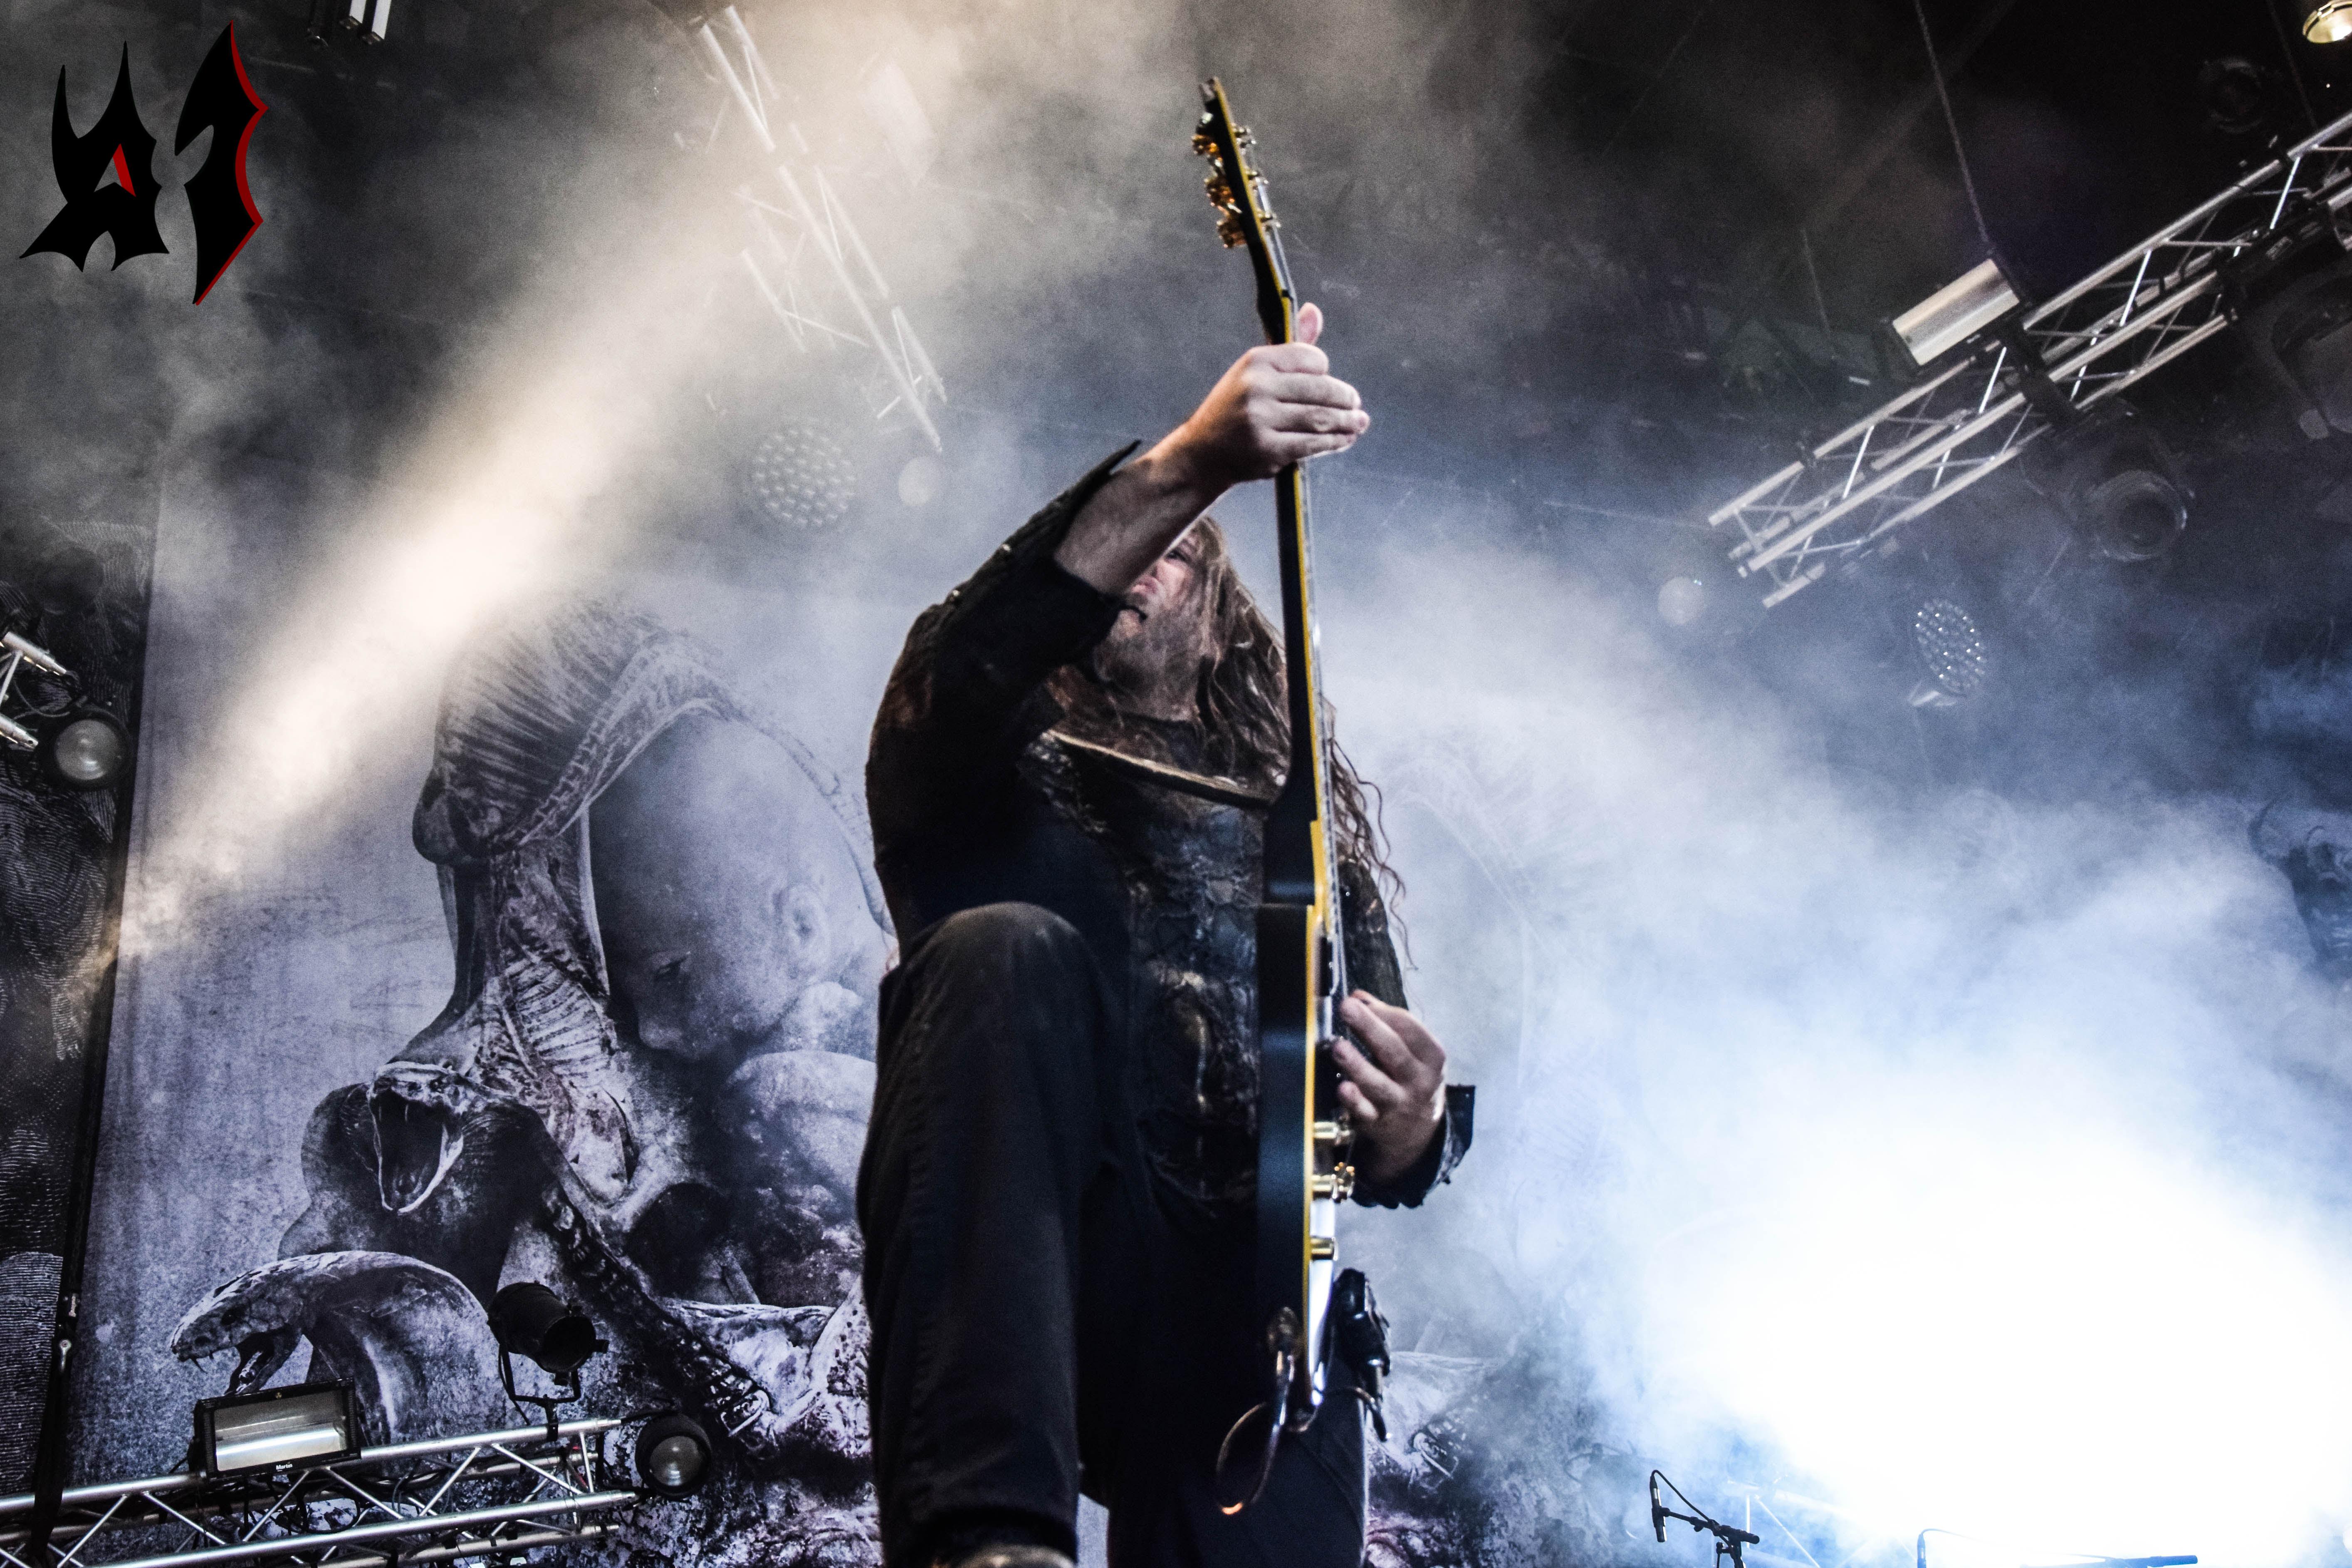 Hellfest 2018 – Day 3 - Septicflesh 19